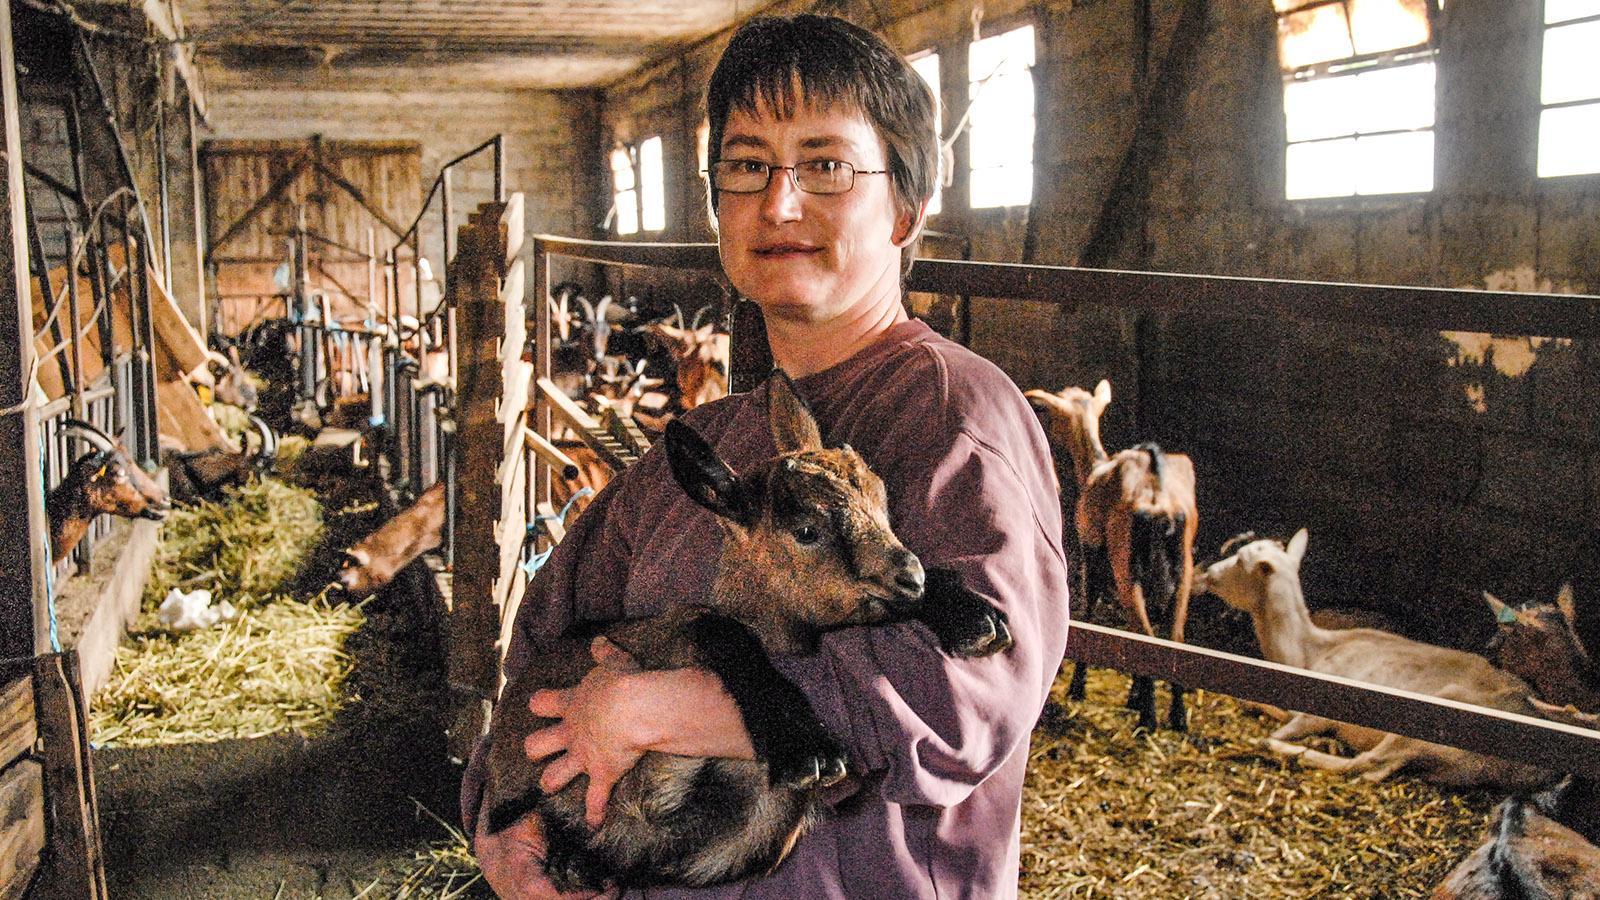 Ziegenzüchterin in den Cevennen. Foto: Hilke Maunder